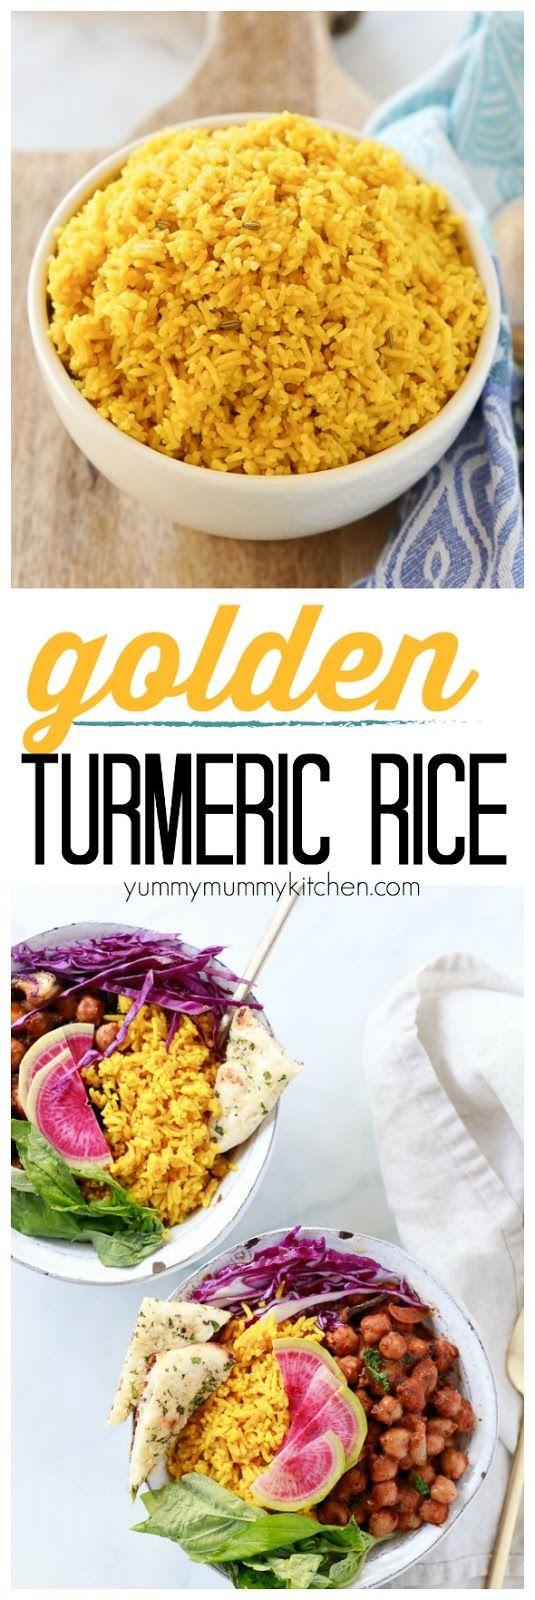 Golden Spiced Turmeric Rice